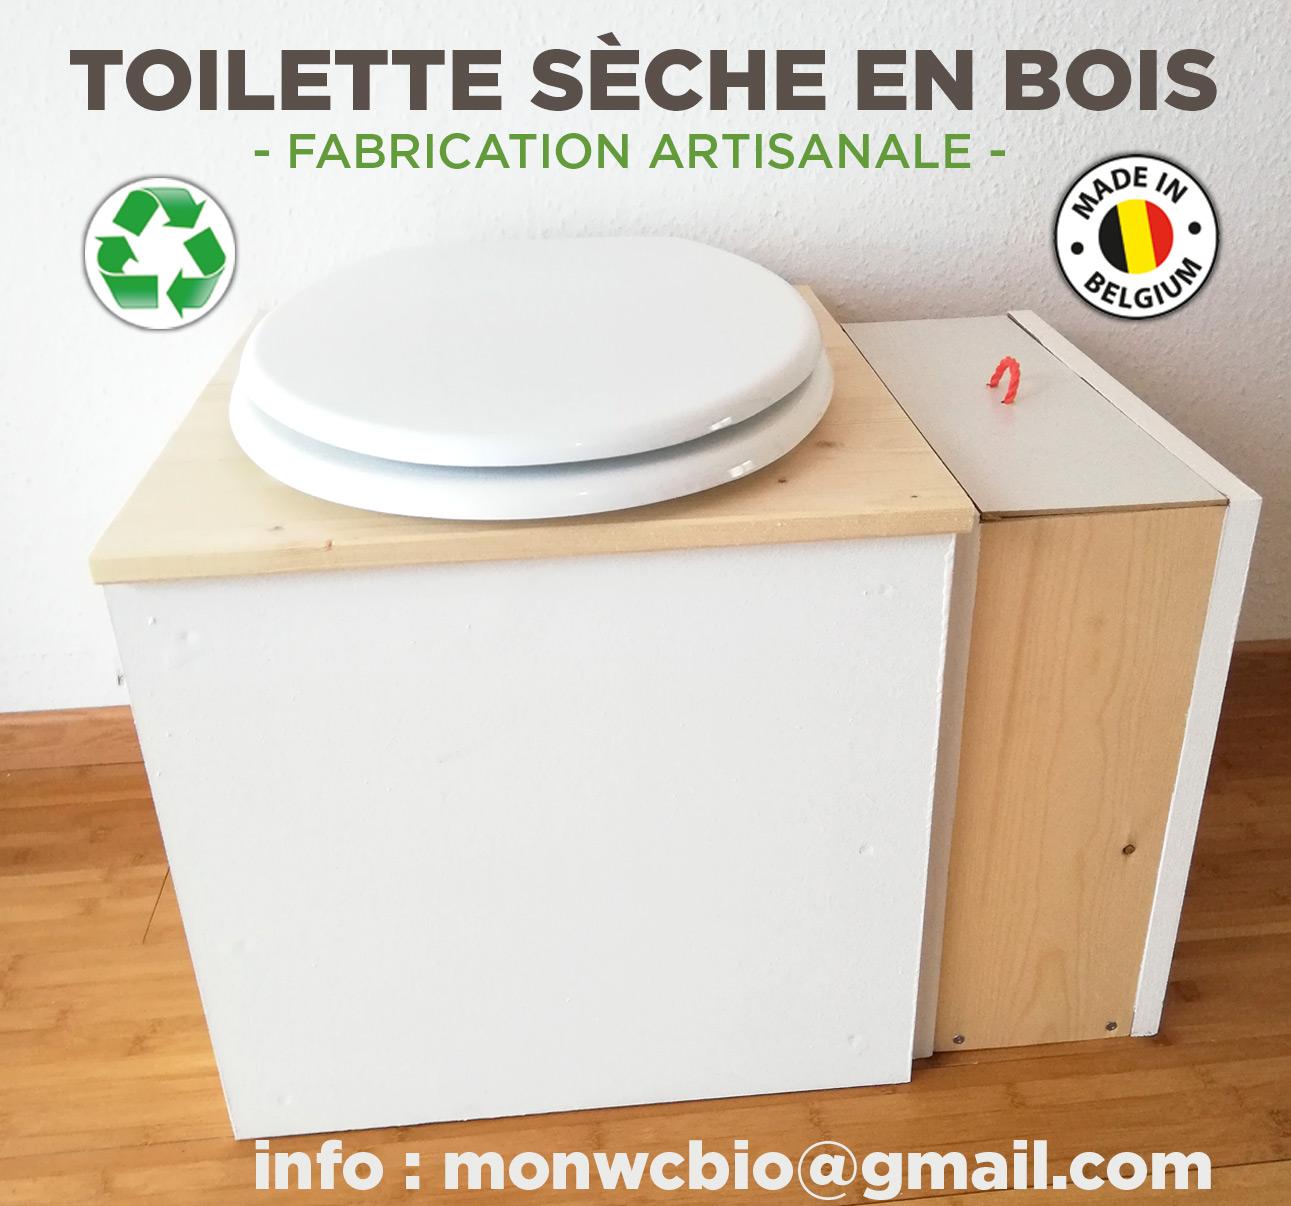 Toilette sèche en bois made in Belgium - Ecologique, économique.